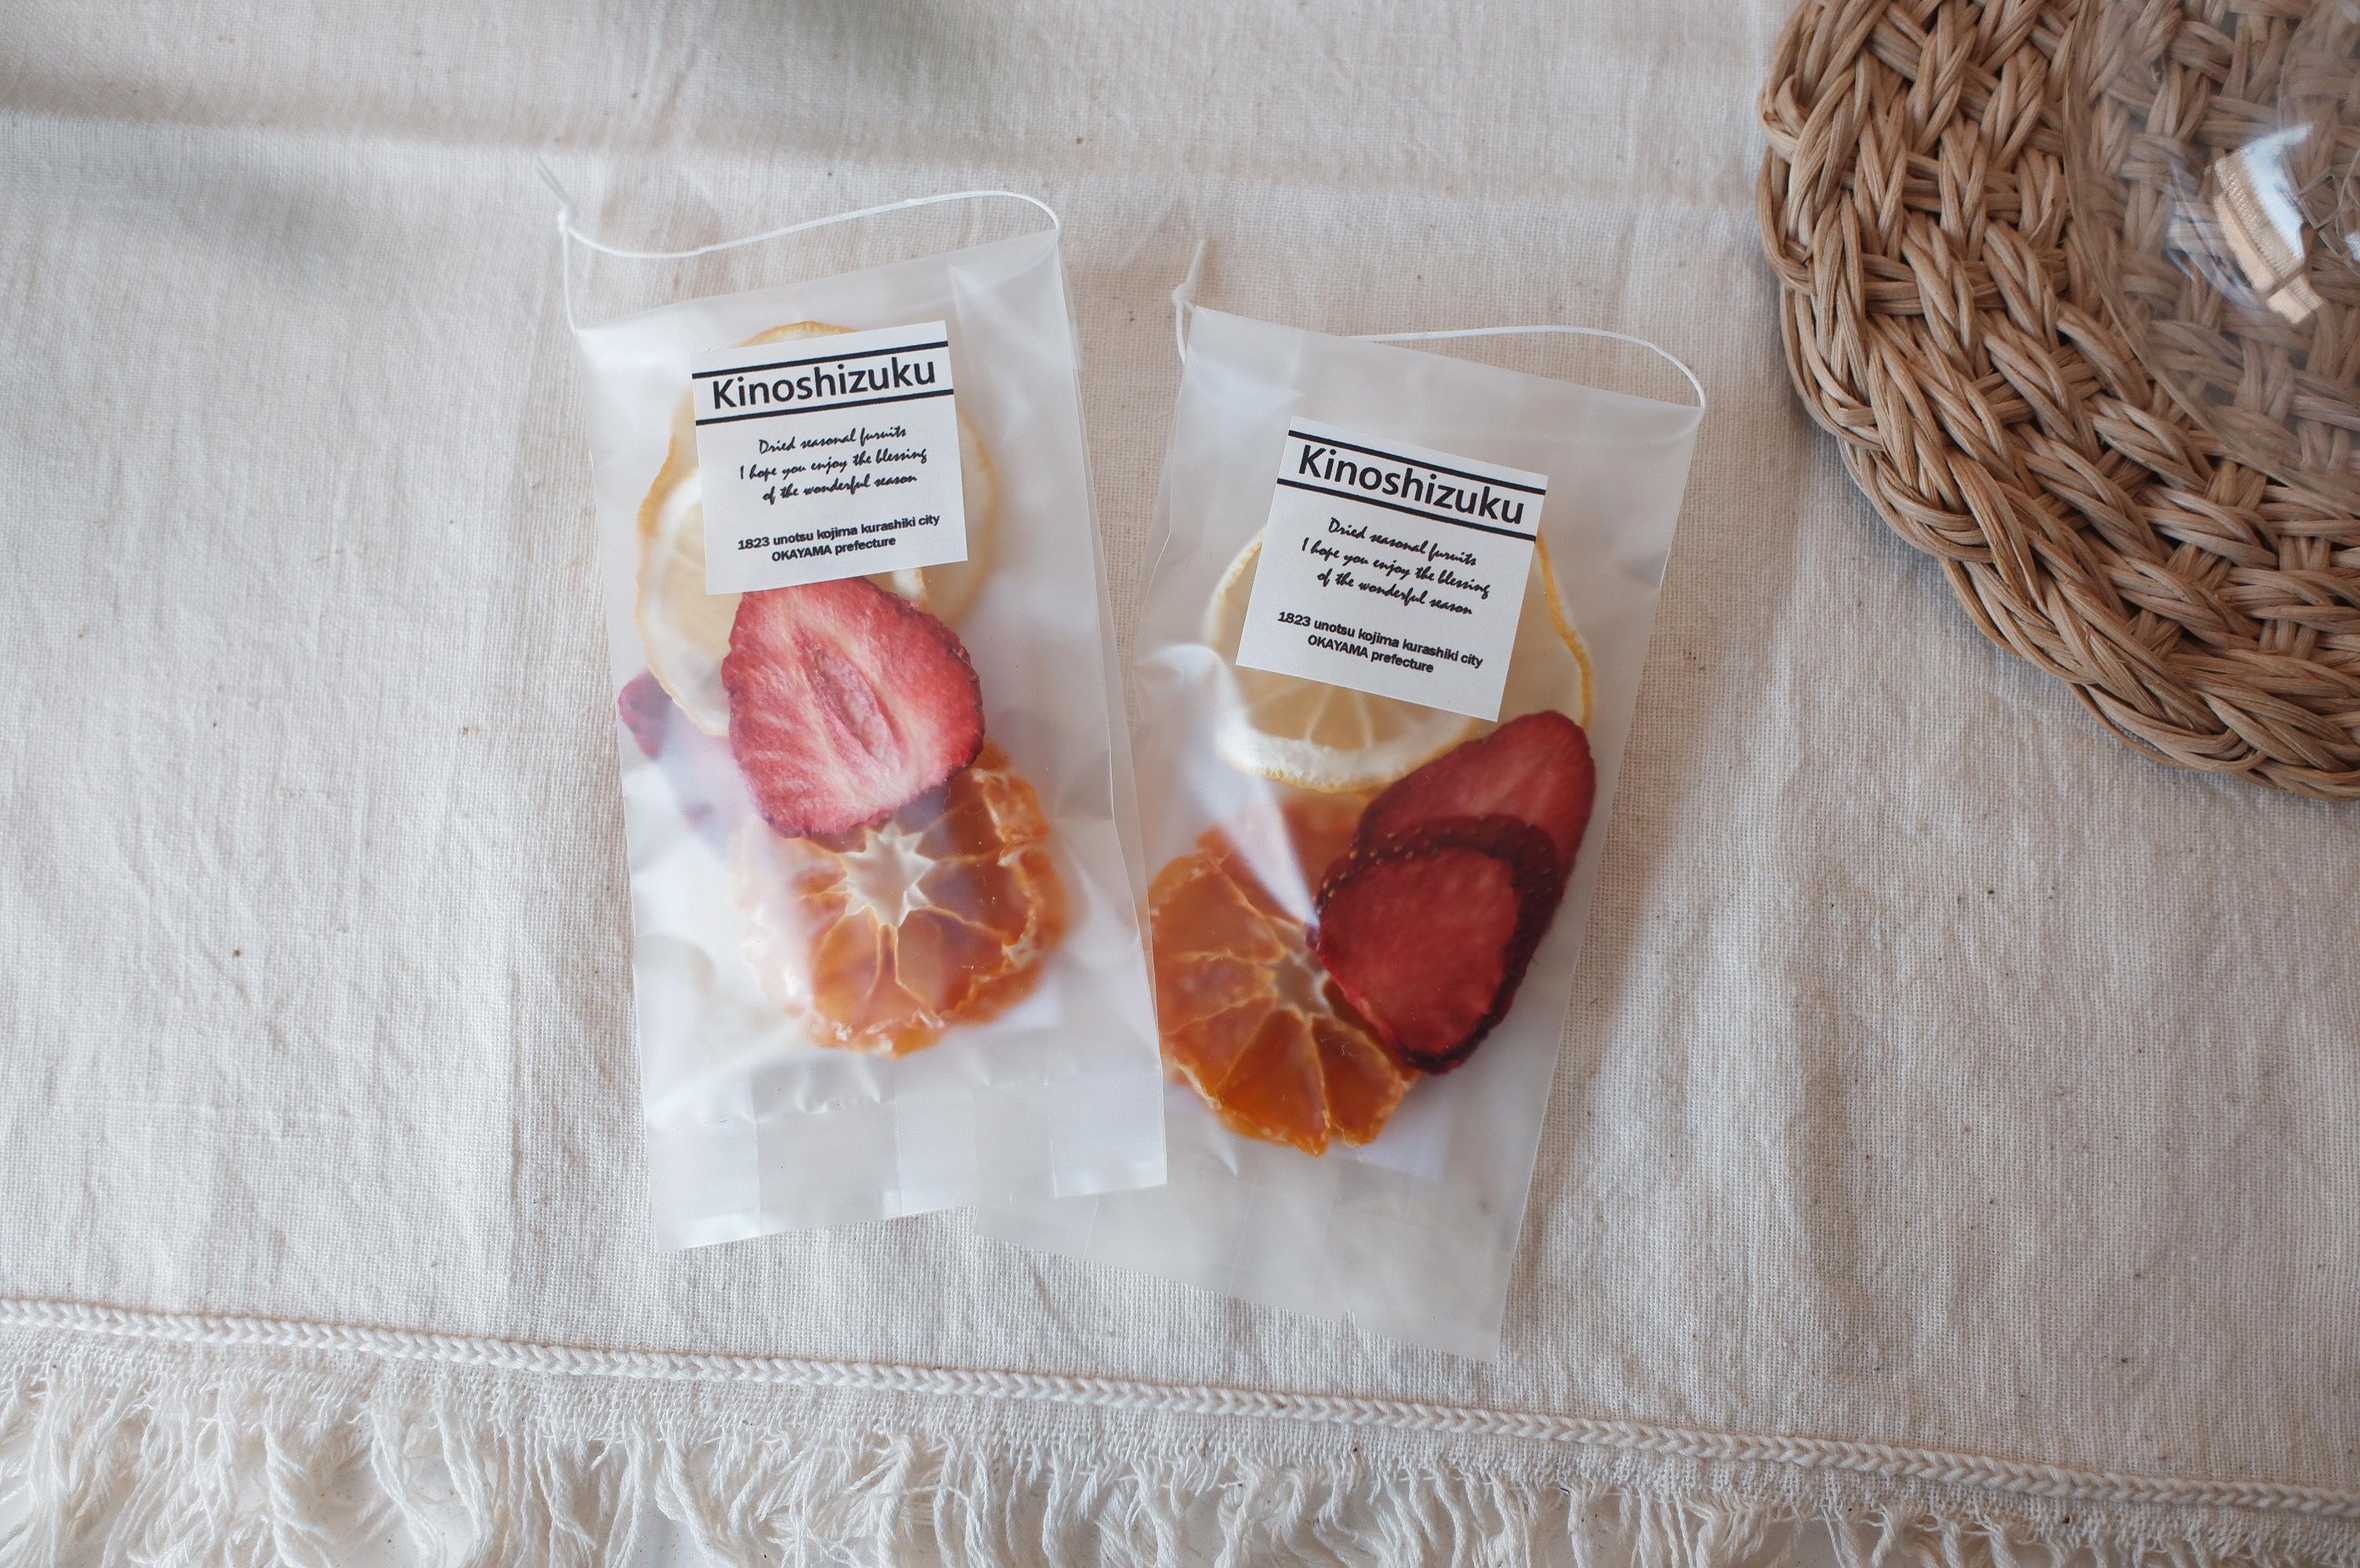 木の雫 こだわりのドライフルーツ ミニパック 〈 ミカン・イチゴ・レモン〉